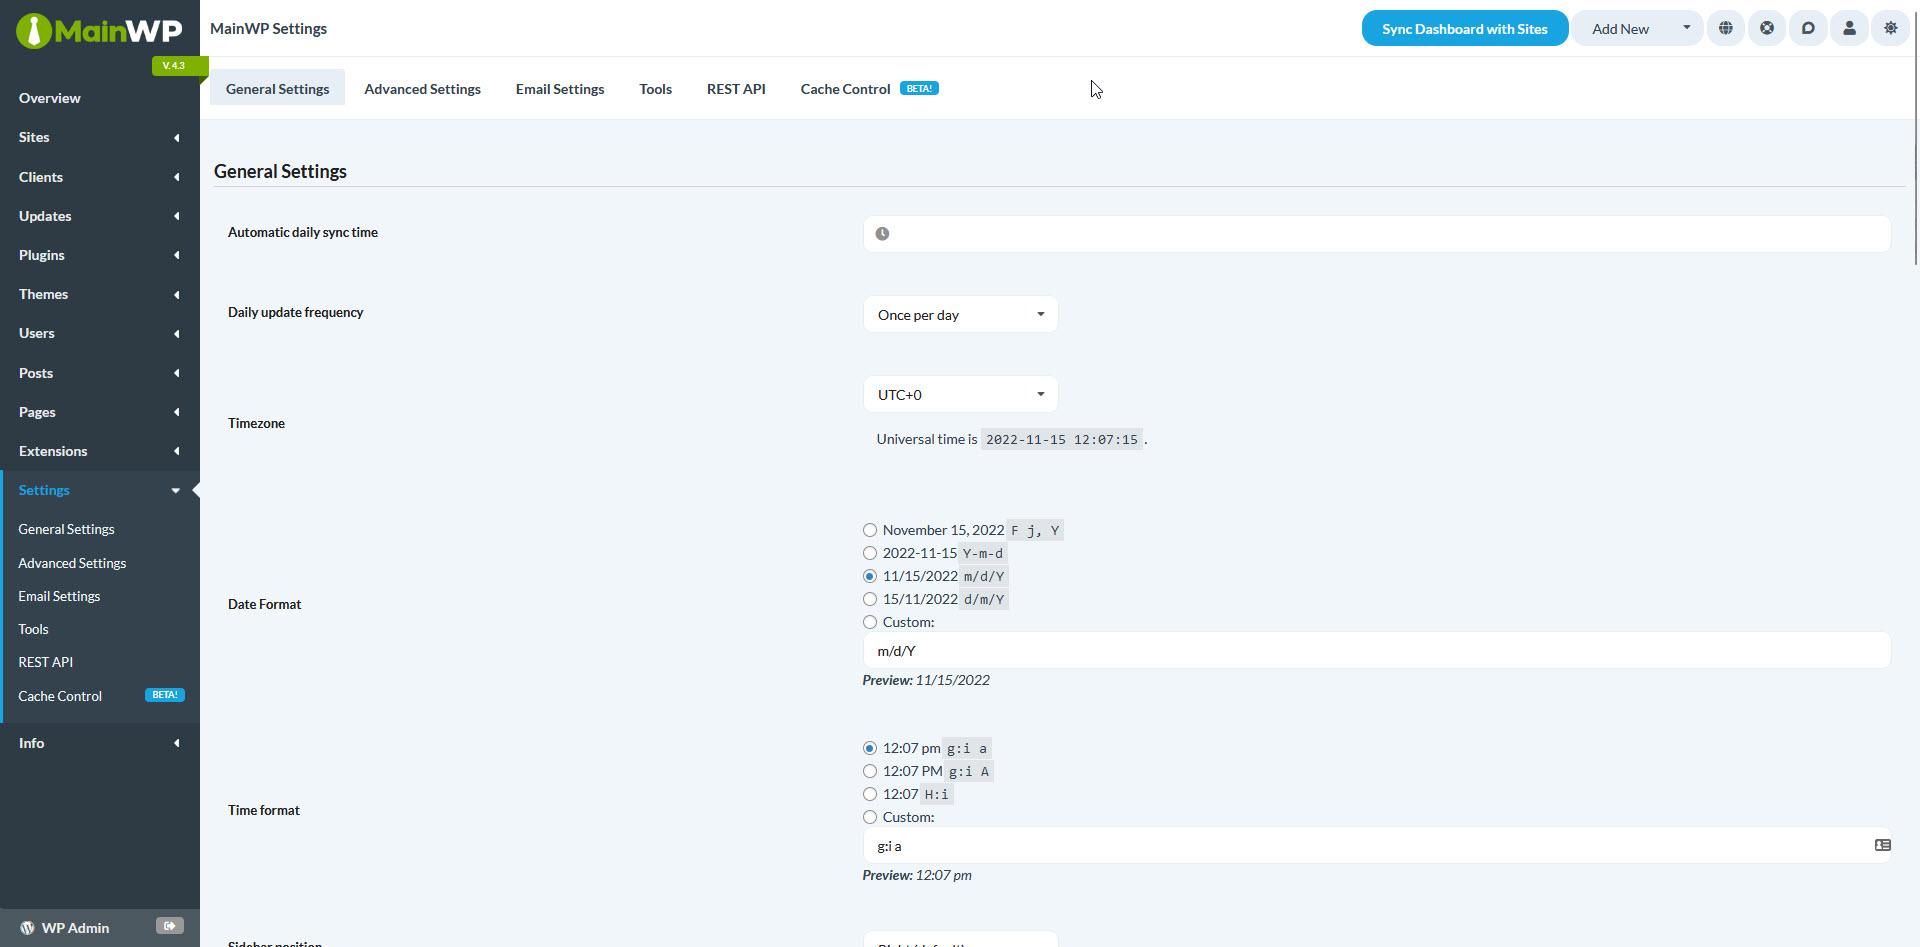 MainWP Settings Screen